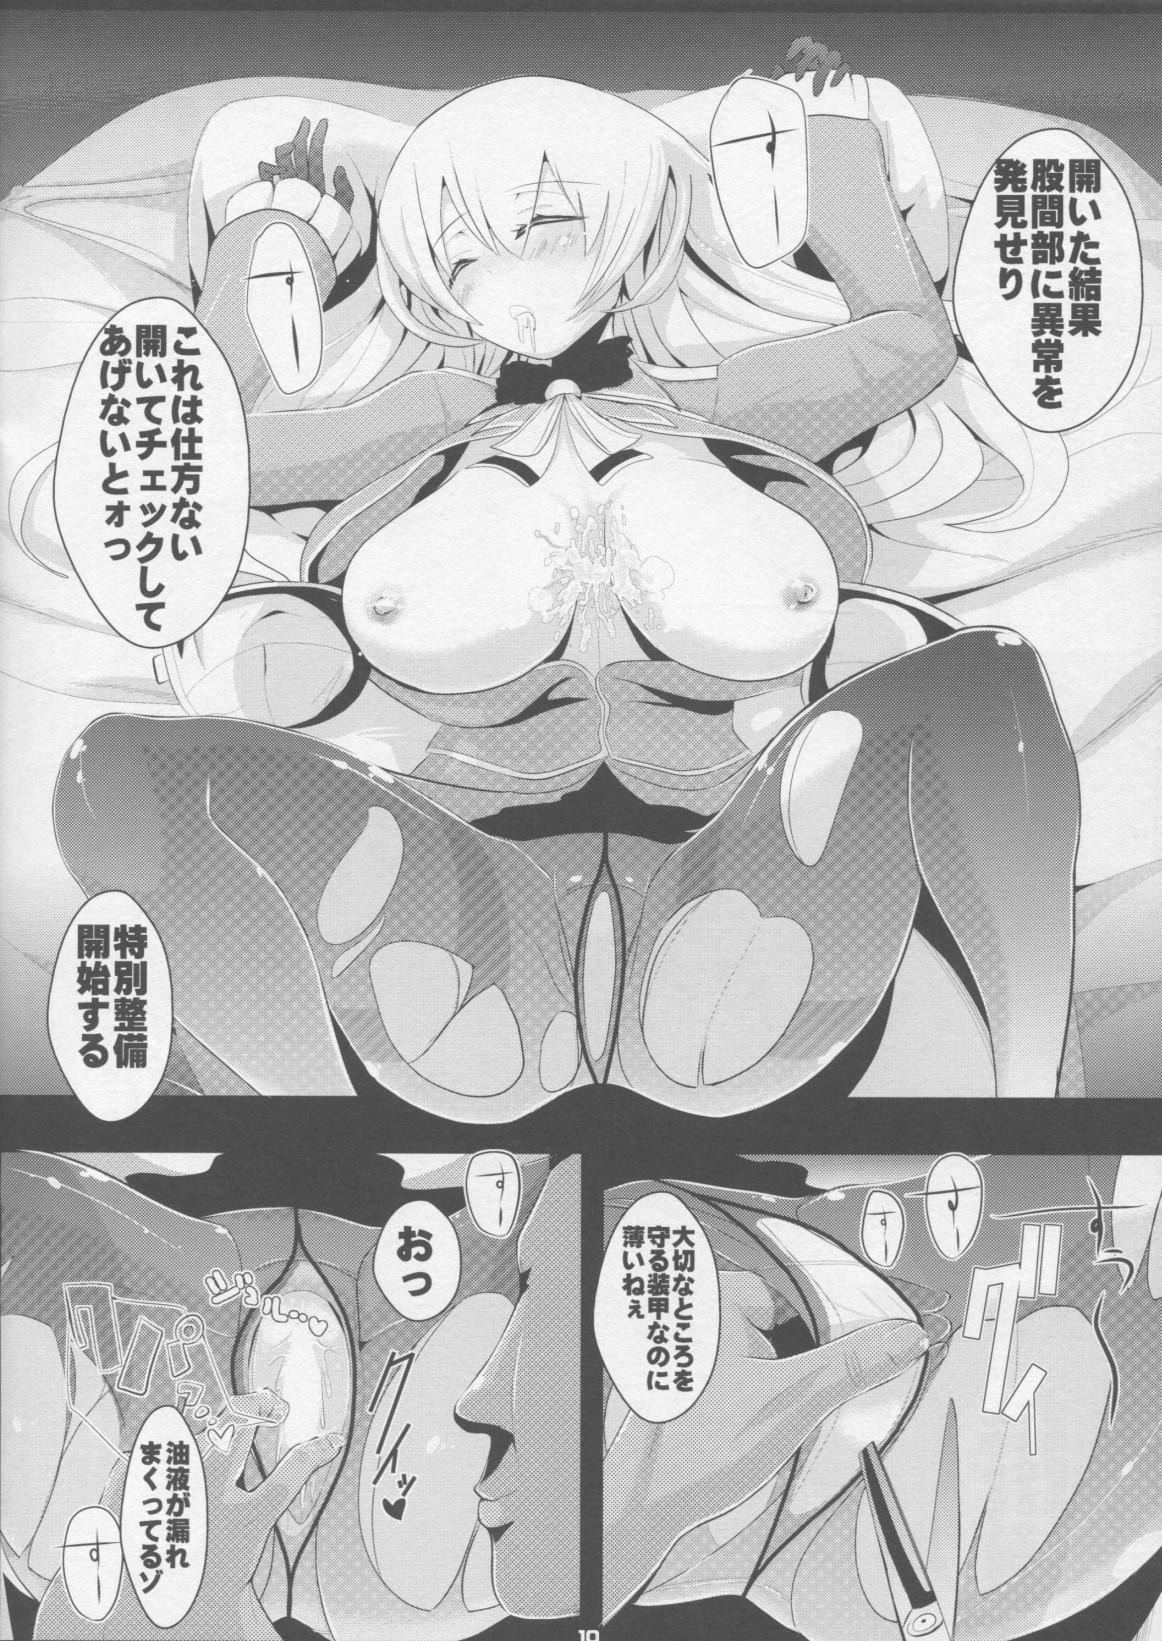 【艦これエロ漫画】強力睡眠薬を盛られたパイパン巨乳な愛宕さんが寝てる間に鬼畜整備兵さんに陵辱されちゃってるwww【艦隊これくしょん】